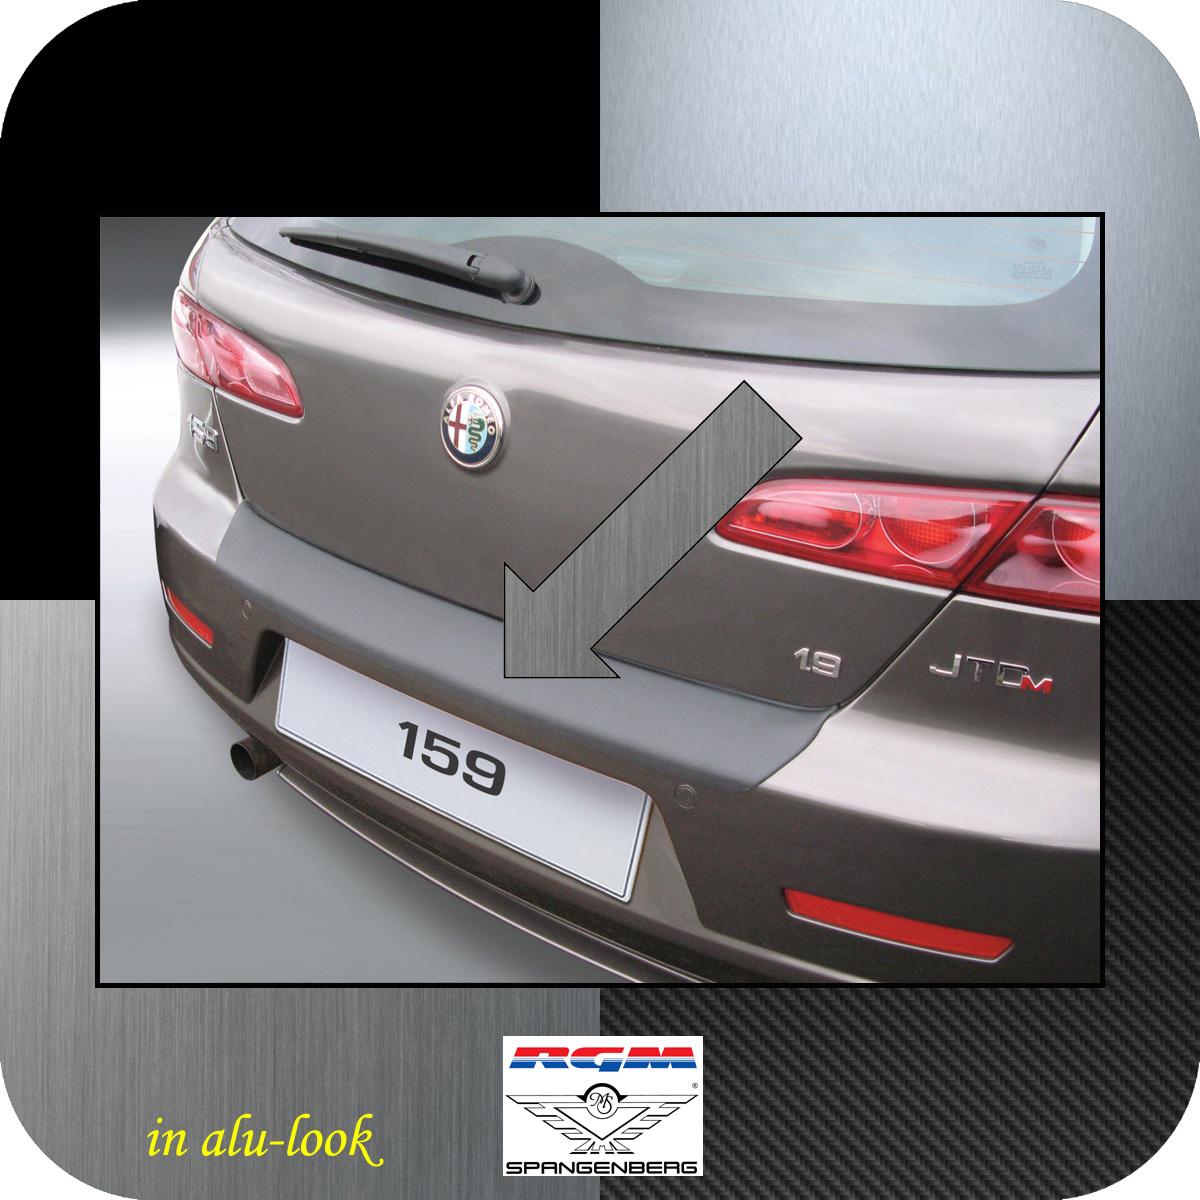 Ladekantenschutz Alu-Look Alfa Romeo 159 Sportwagon Kombi 2006-2011 3504499